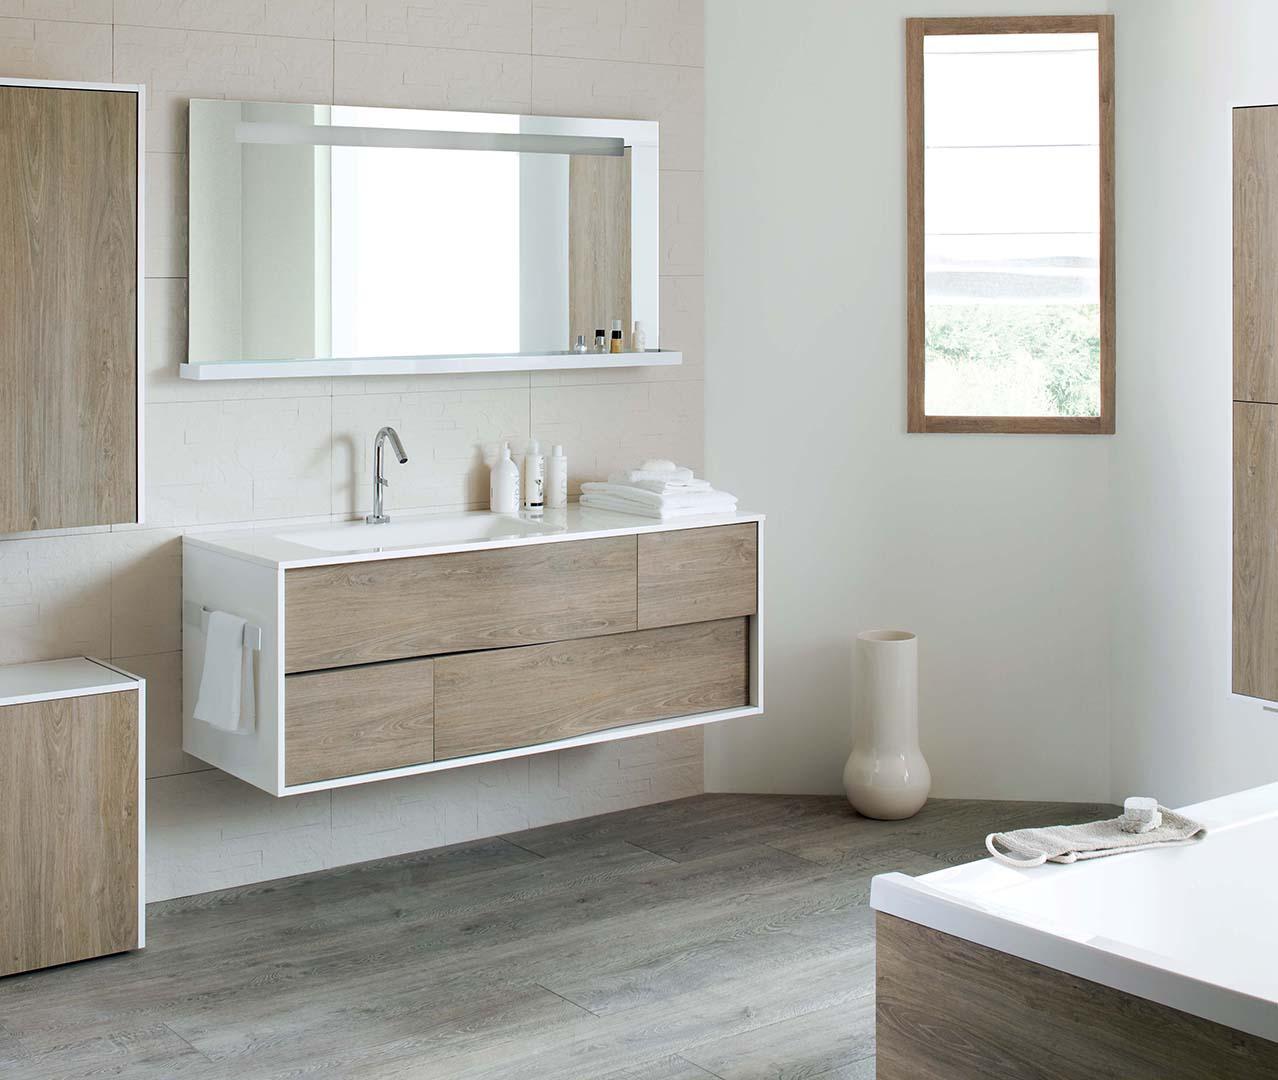 Gamma my lodge houten badkamermeubel sanijura - Sanijura salle de bain ...